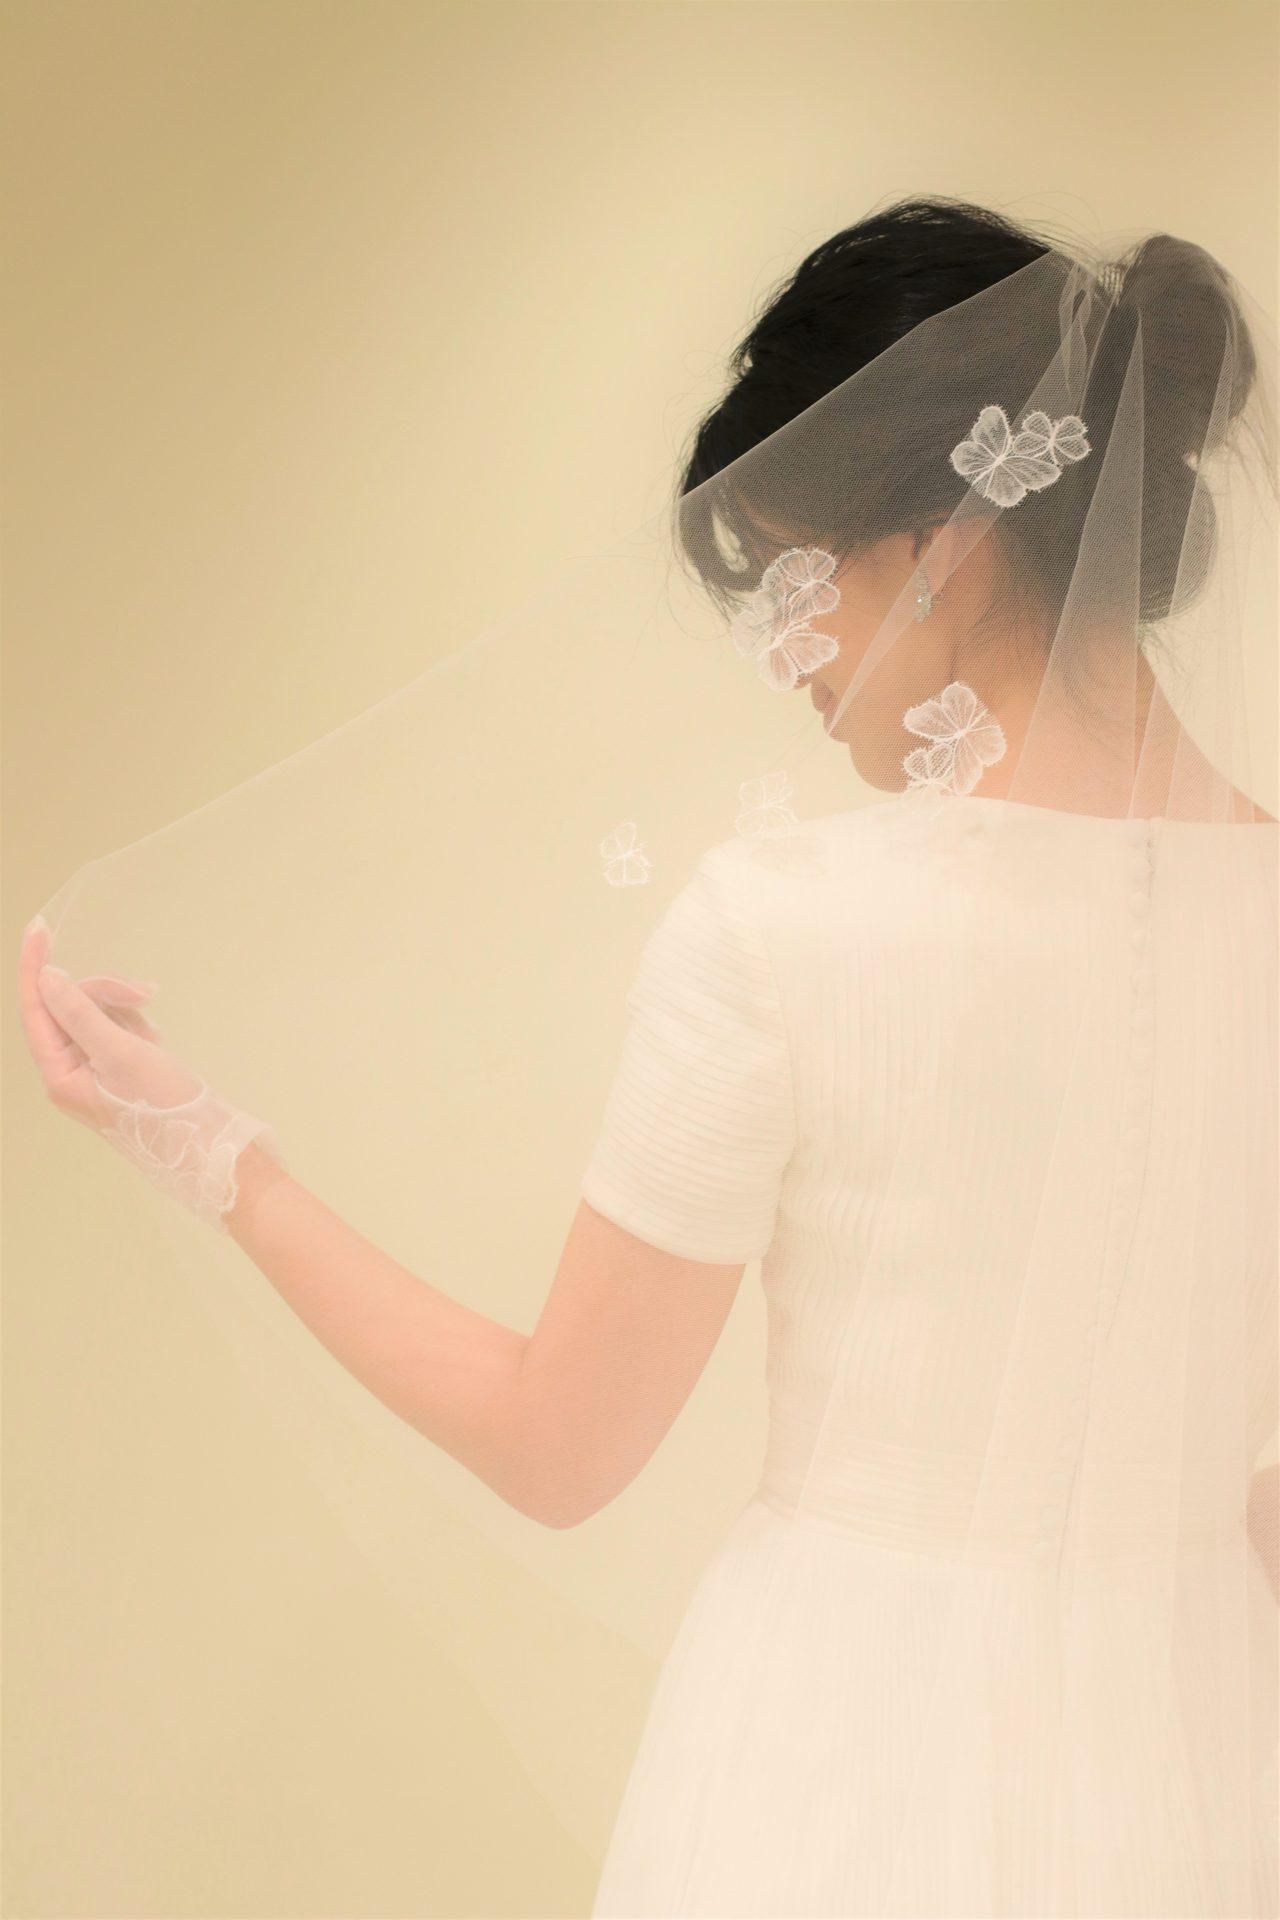 赤坂プリンスクラシックハウスのような木目調のチャペルではトリートメゾンの創り出す繊細で上品なデザインのベールにグローブをウェディングドレスに合わせることで花嫁姿はより特別なものになります